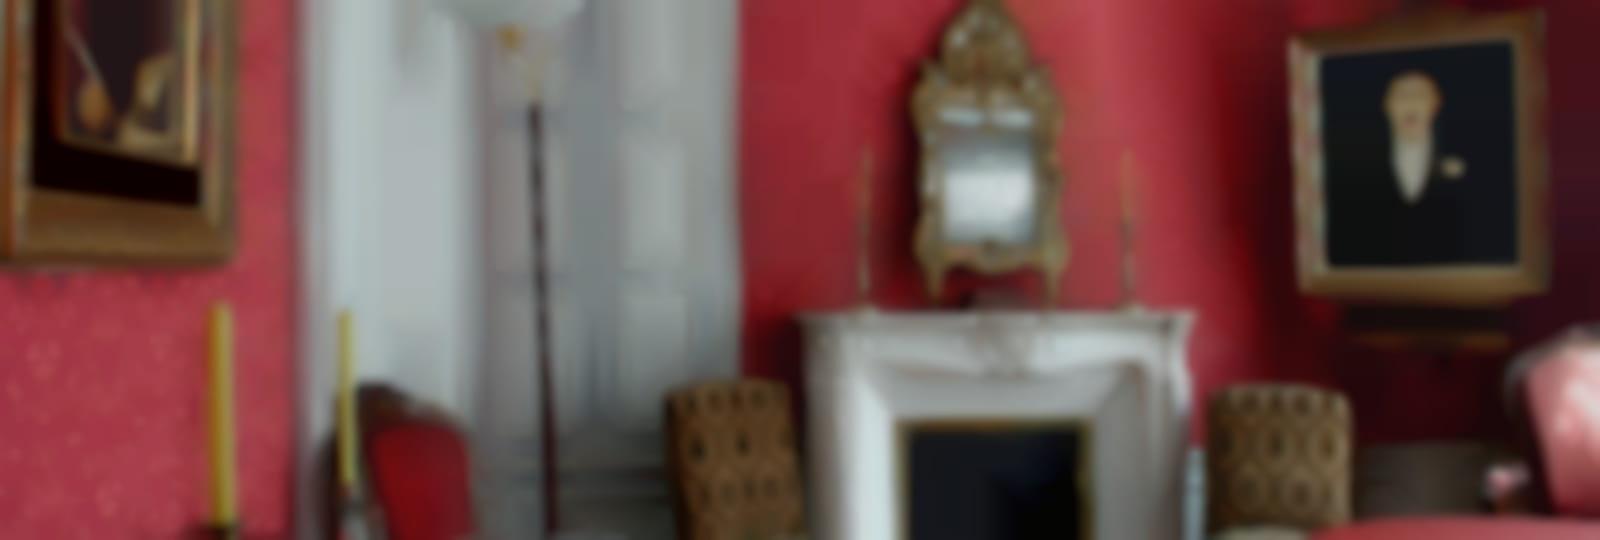 Maison de Tante Léonie - Musée Marcel Proust